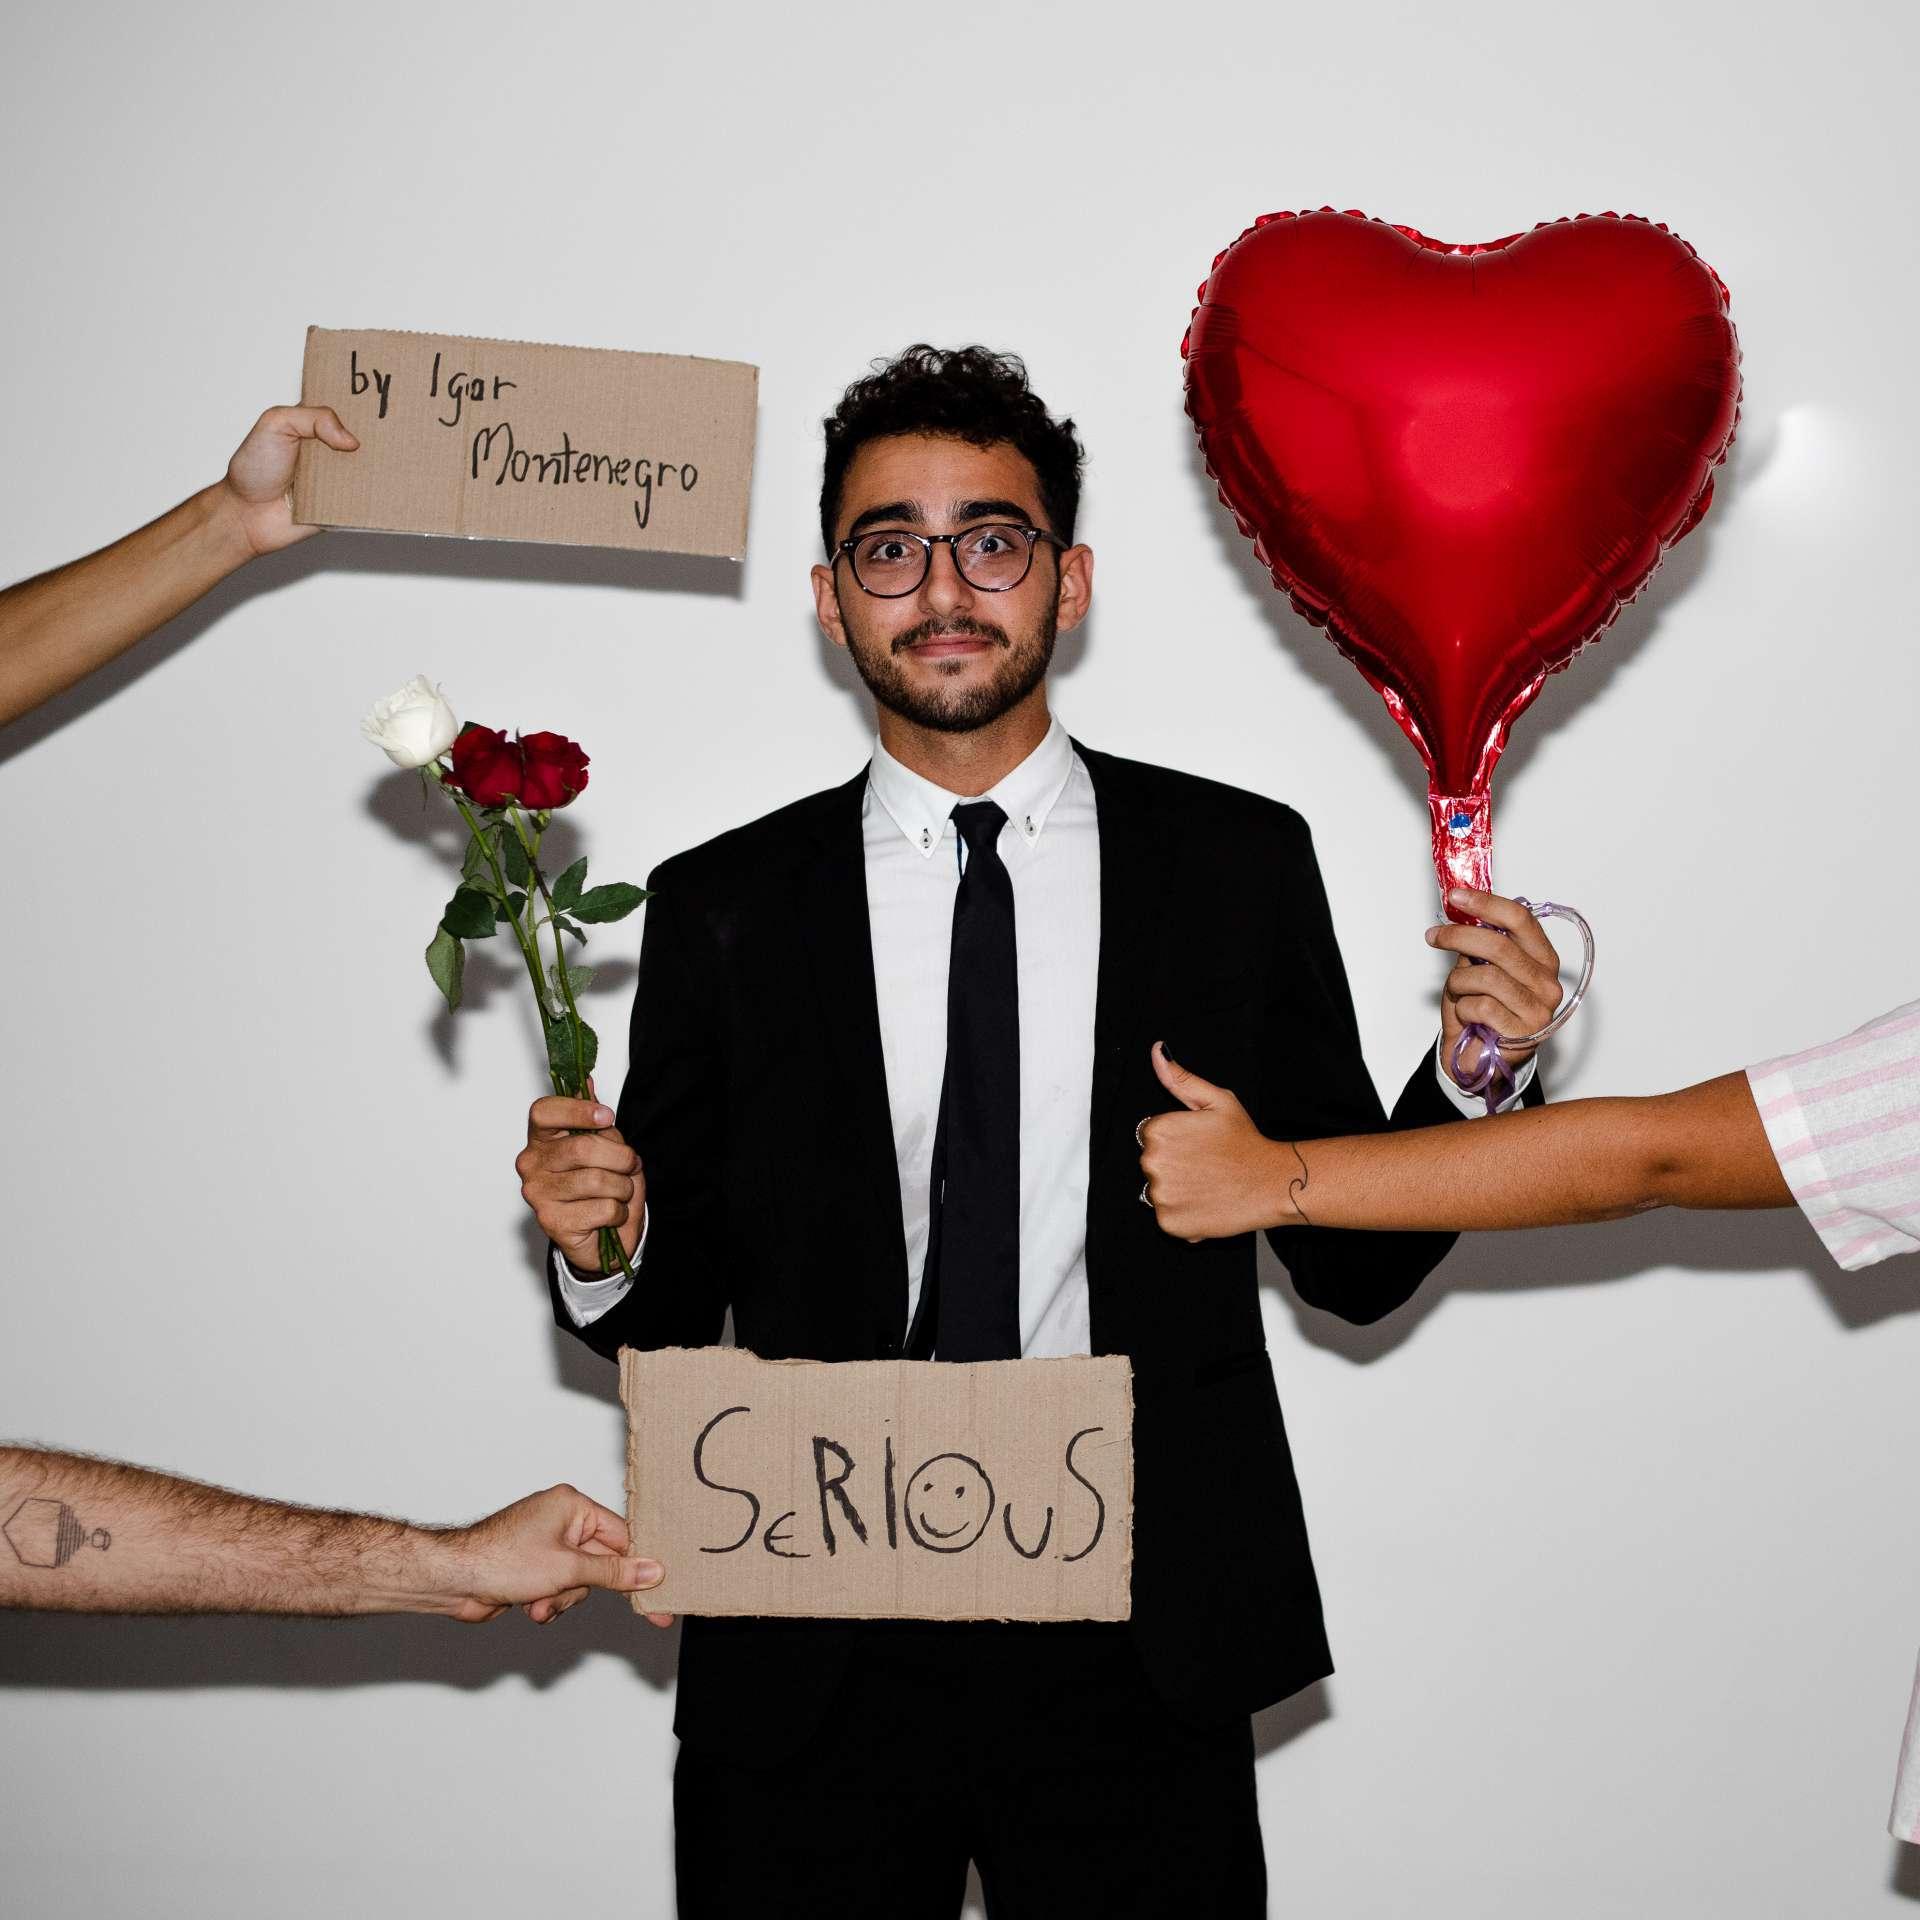 Igor Montenegro faz live de Dia dos Namorados